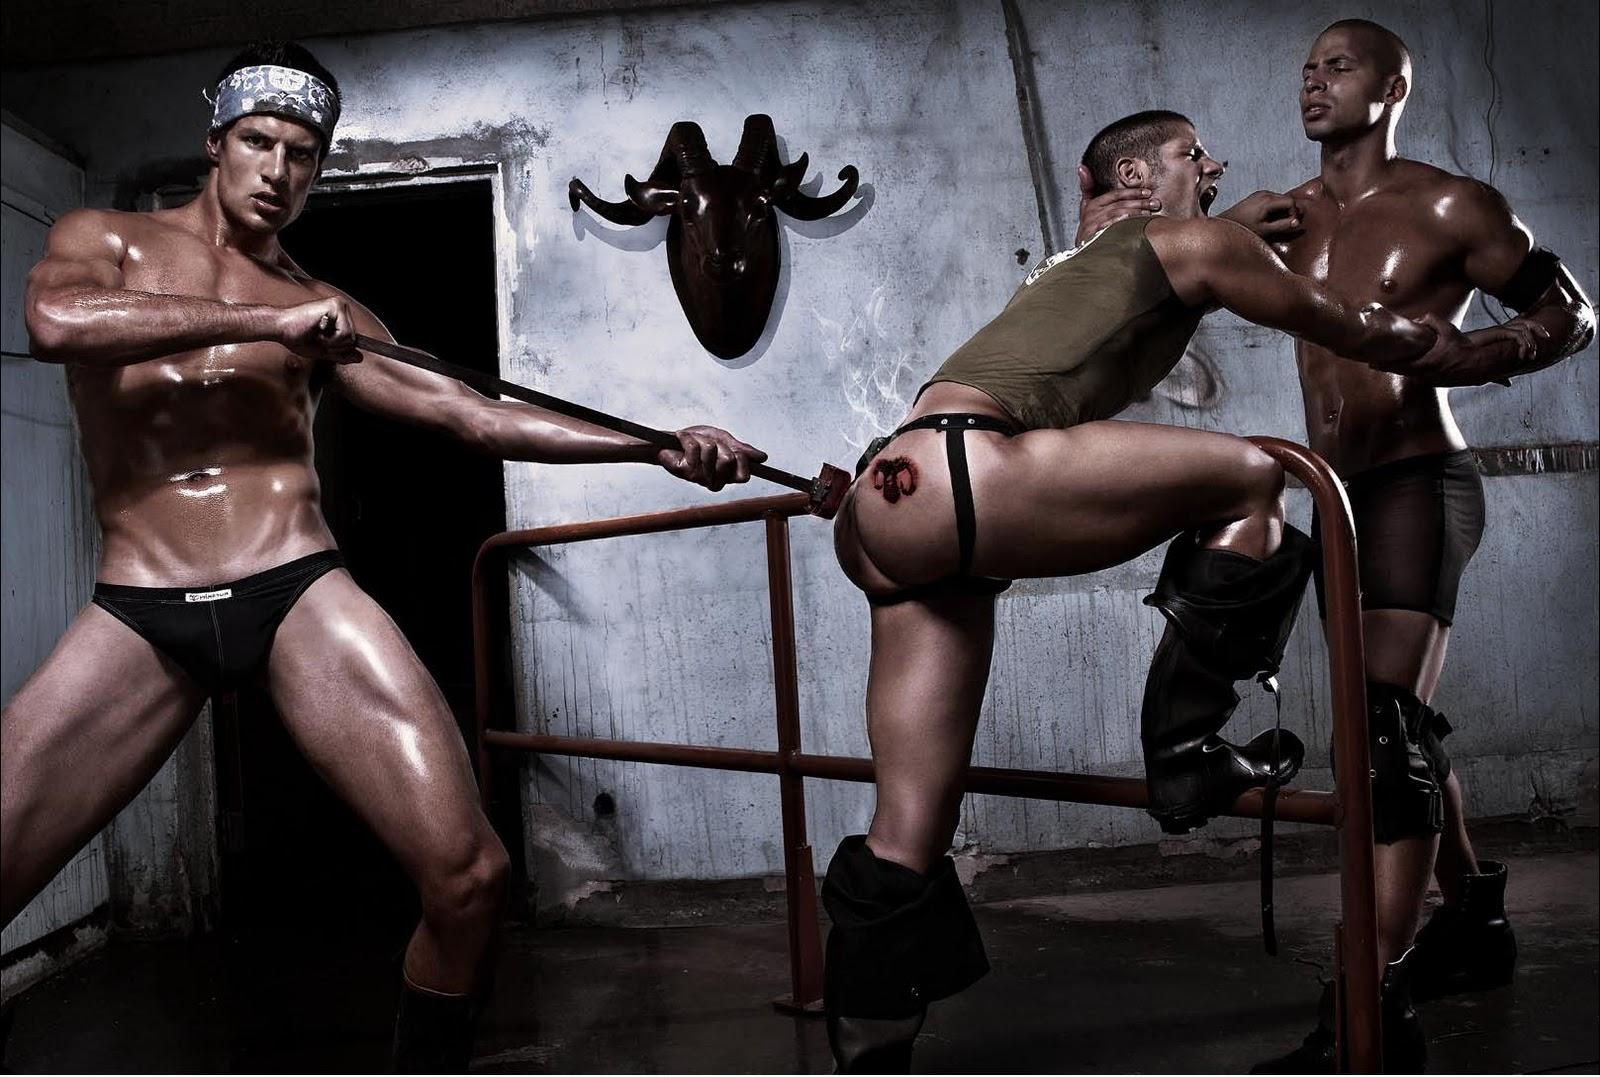 БДСМ фото порно  смотреть жесткий BDSM секс